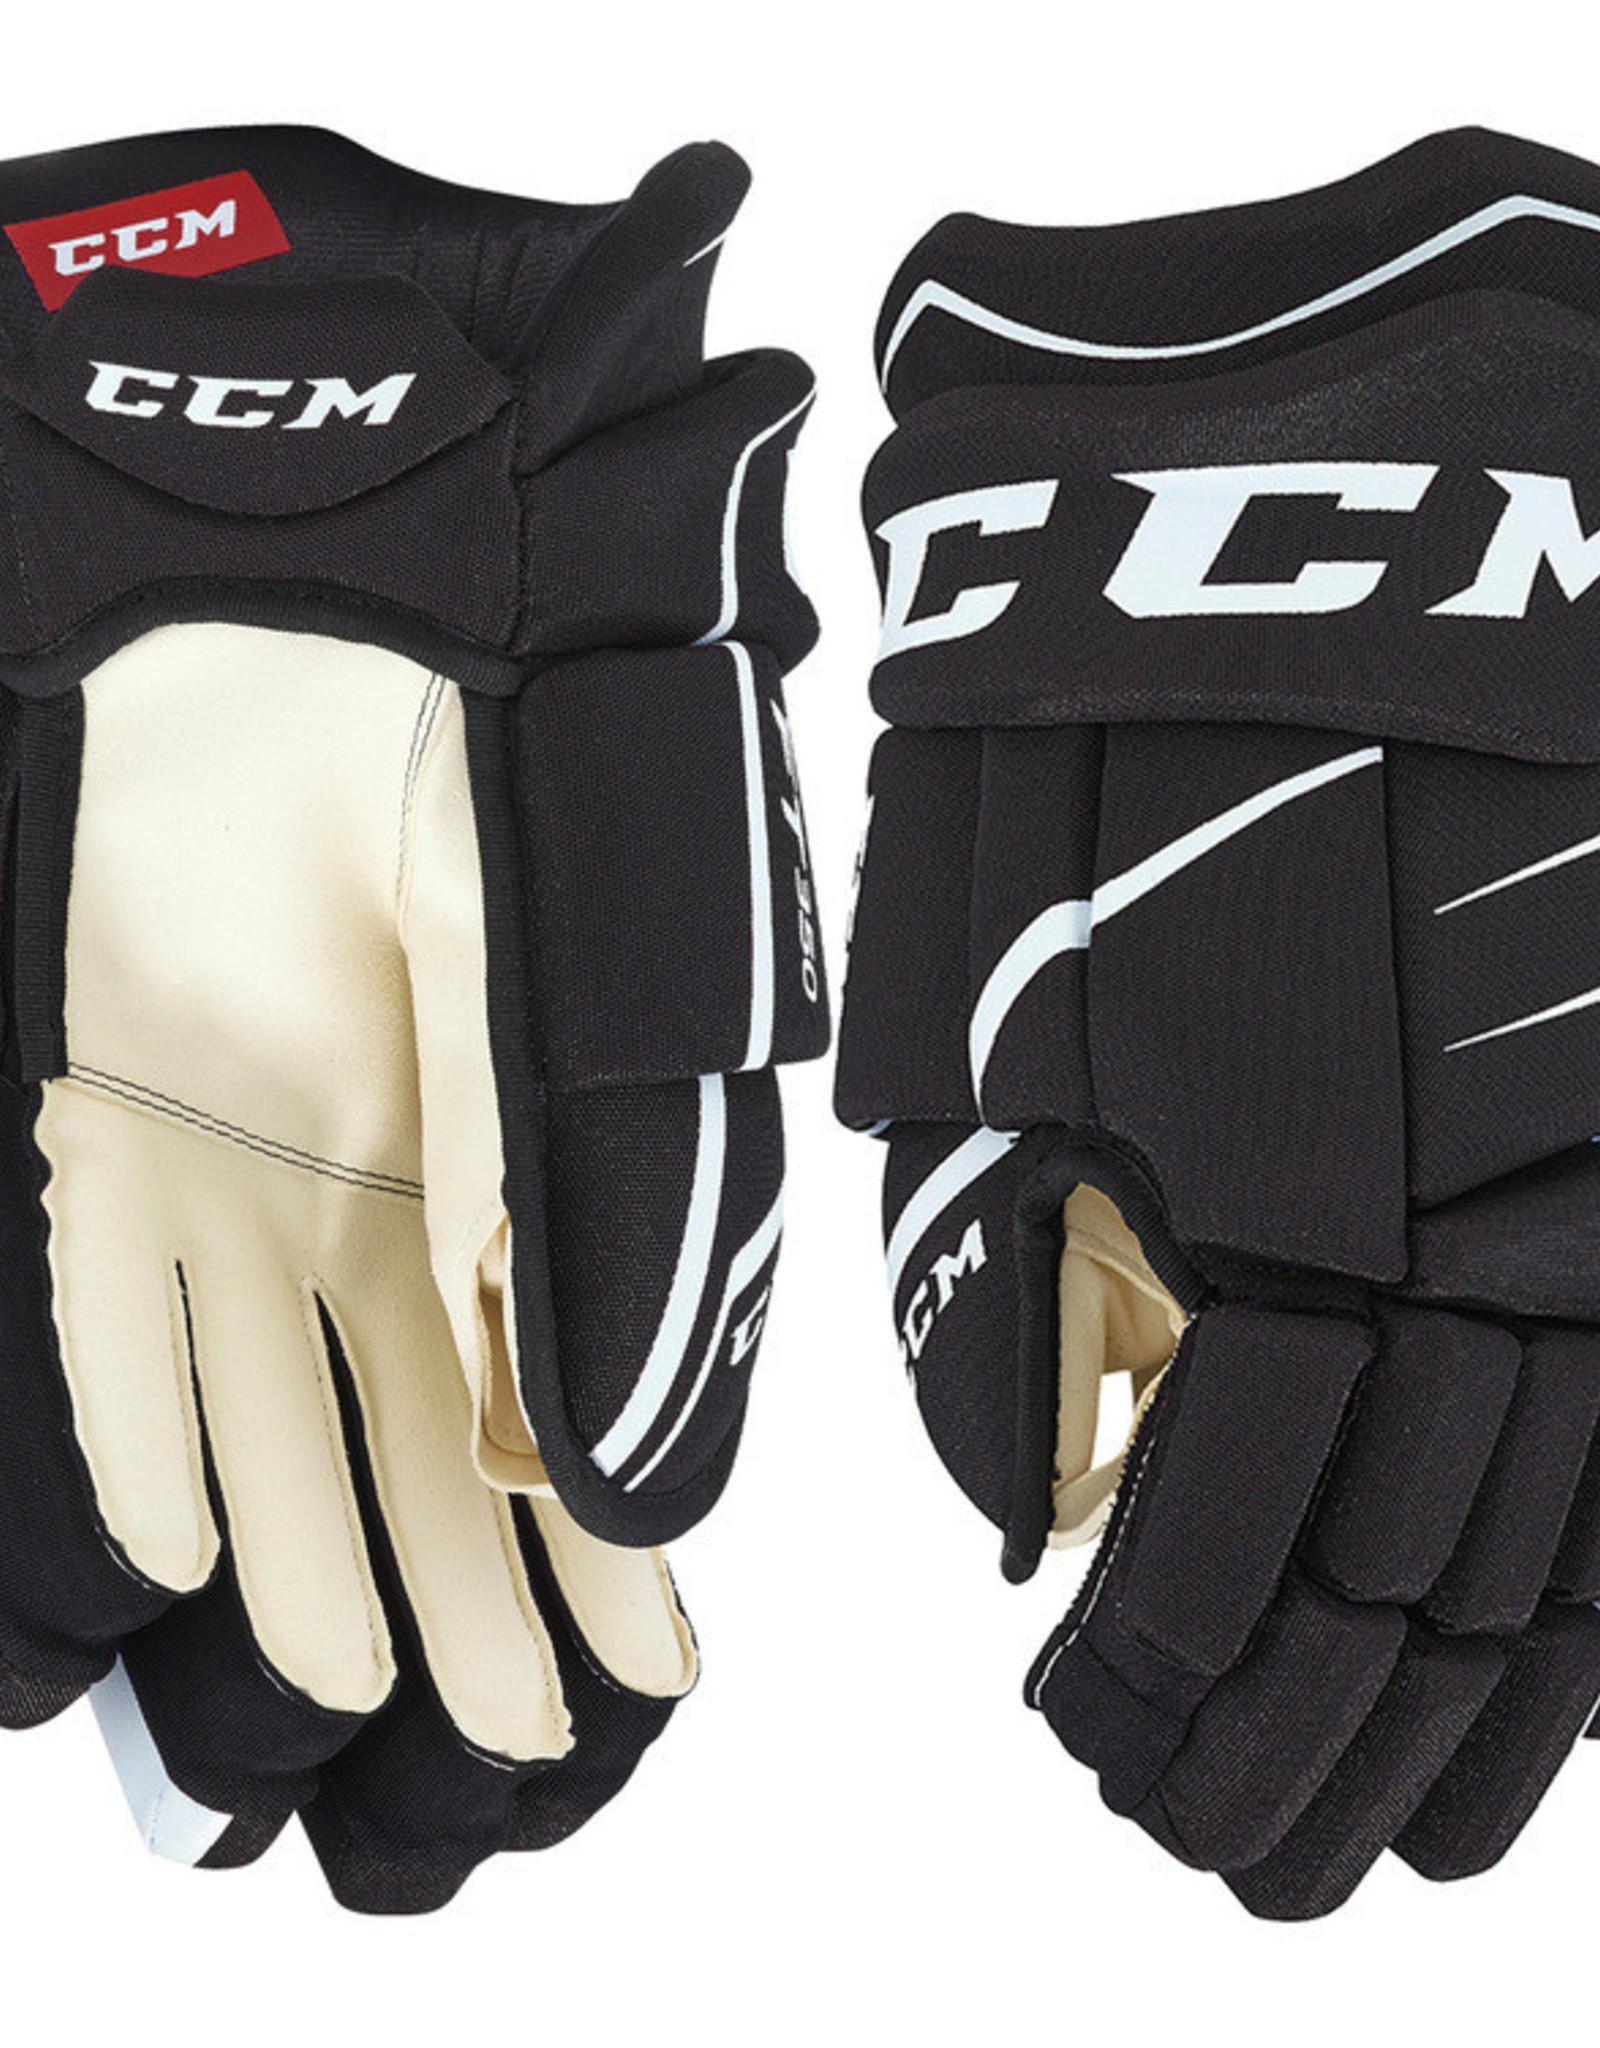 CCM HGFT1 Gant